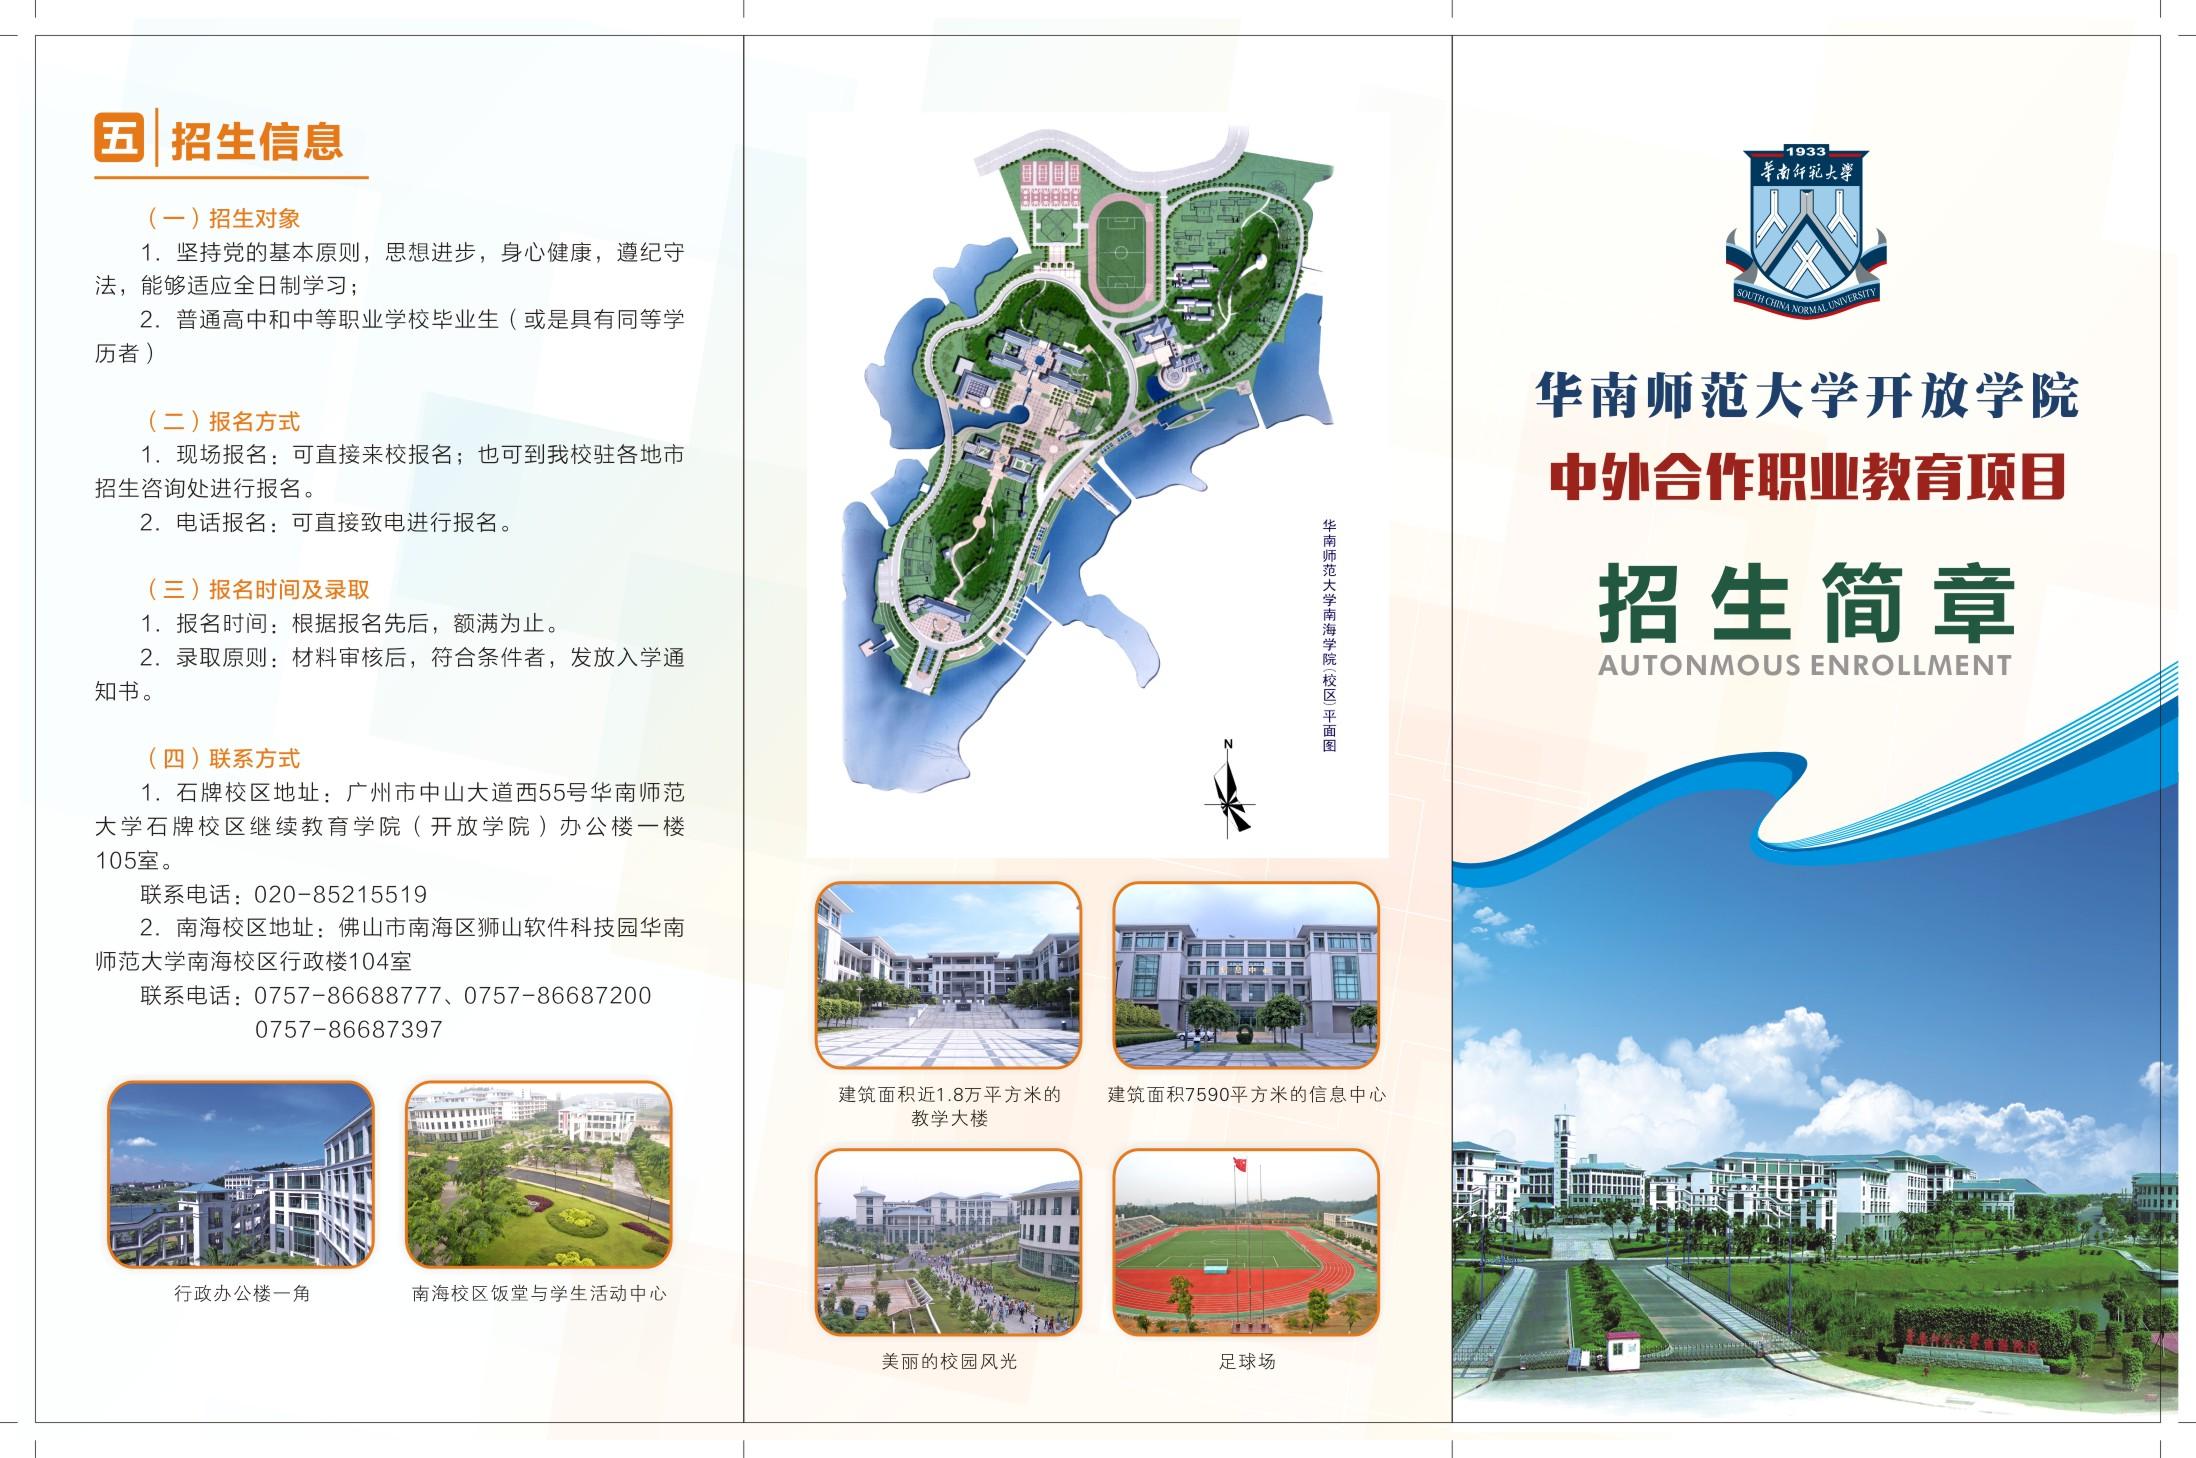 开放学院招生简章折页-1.jpg